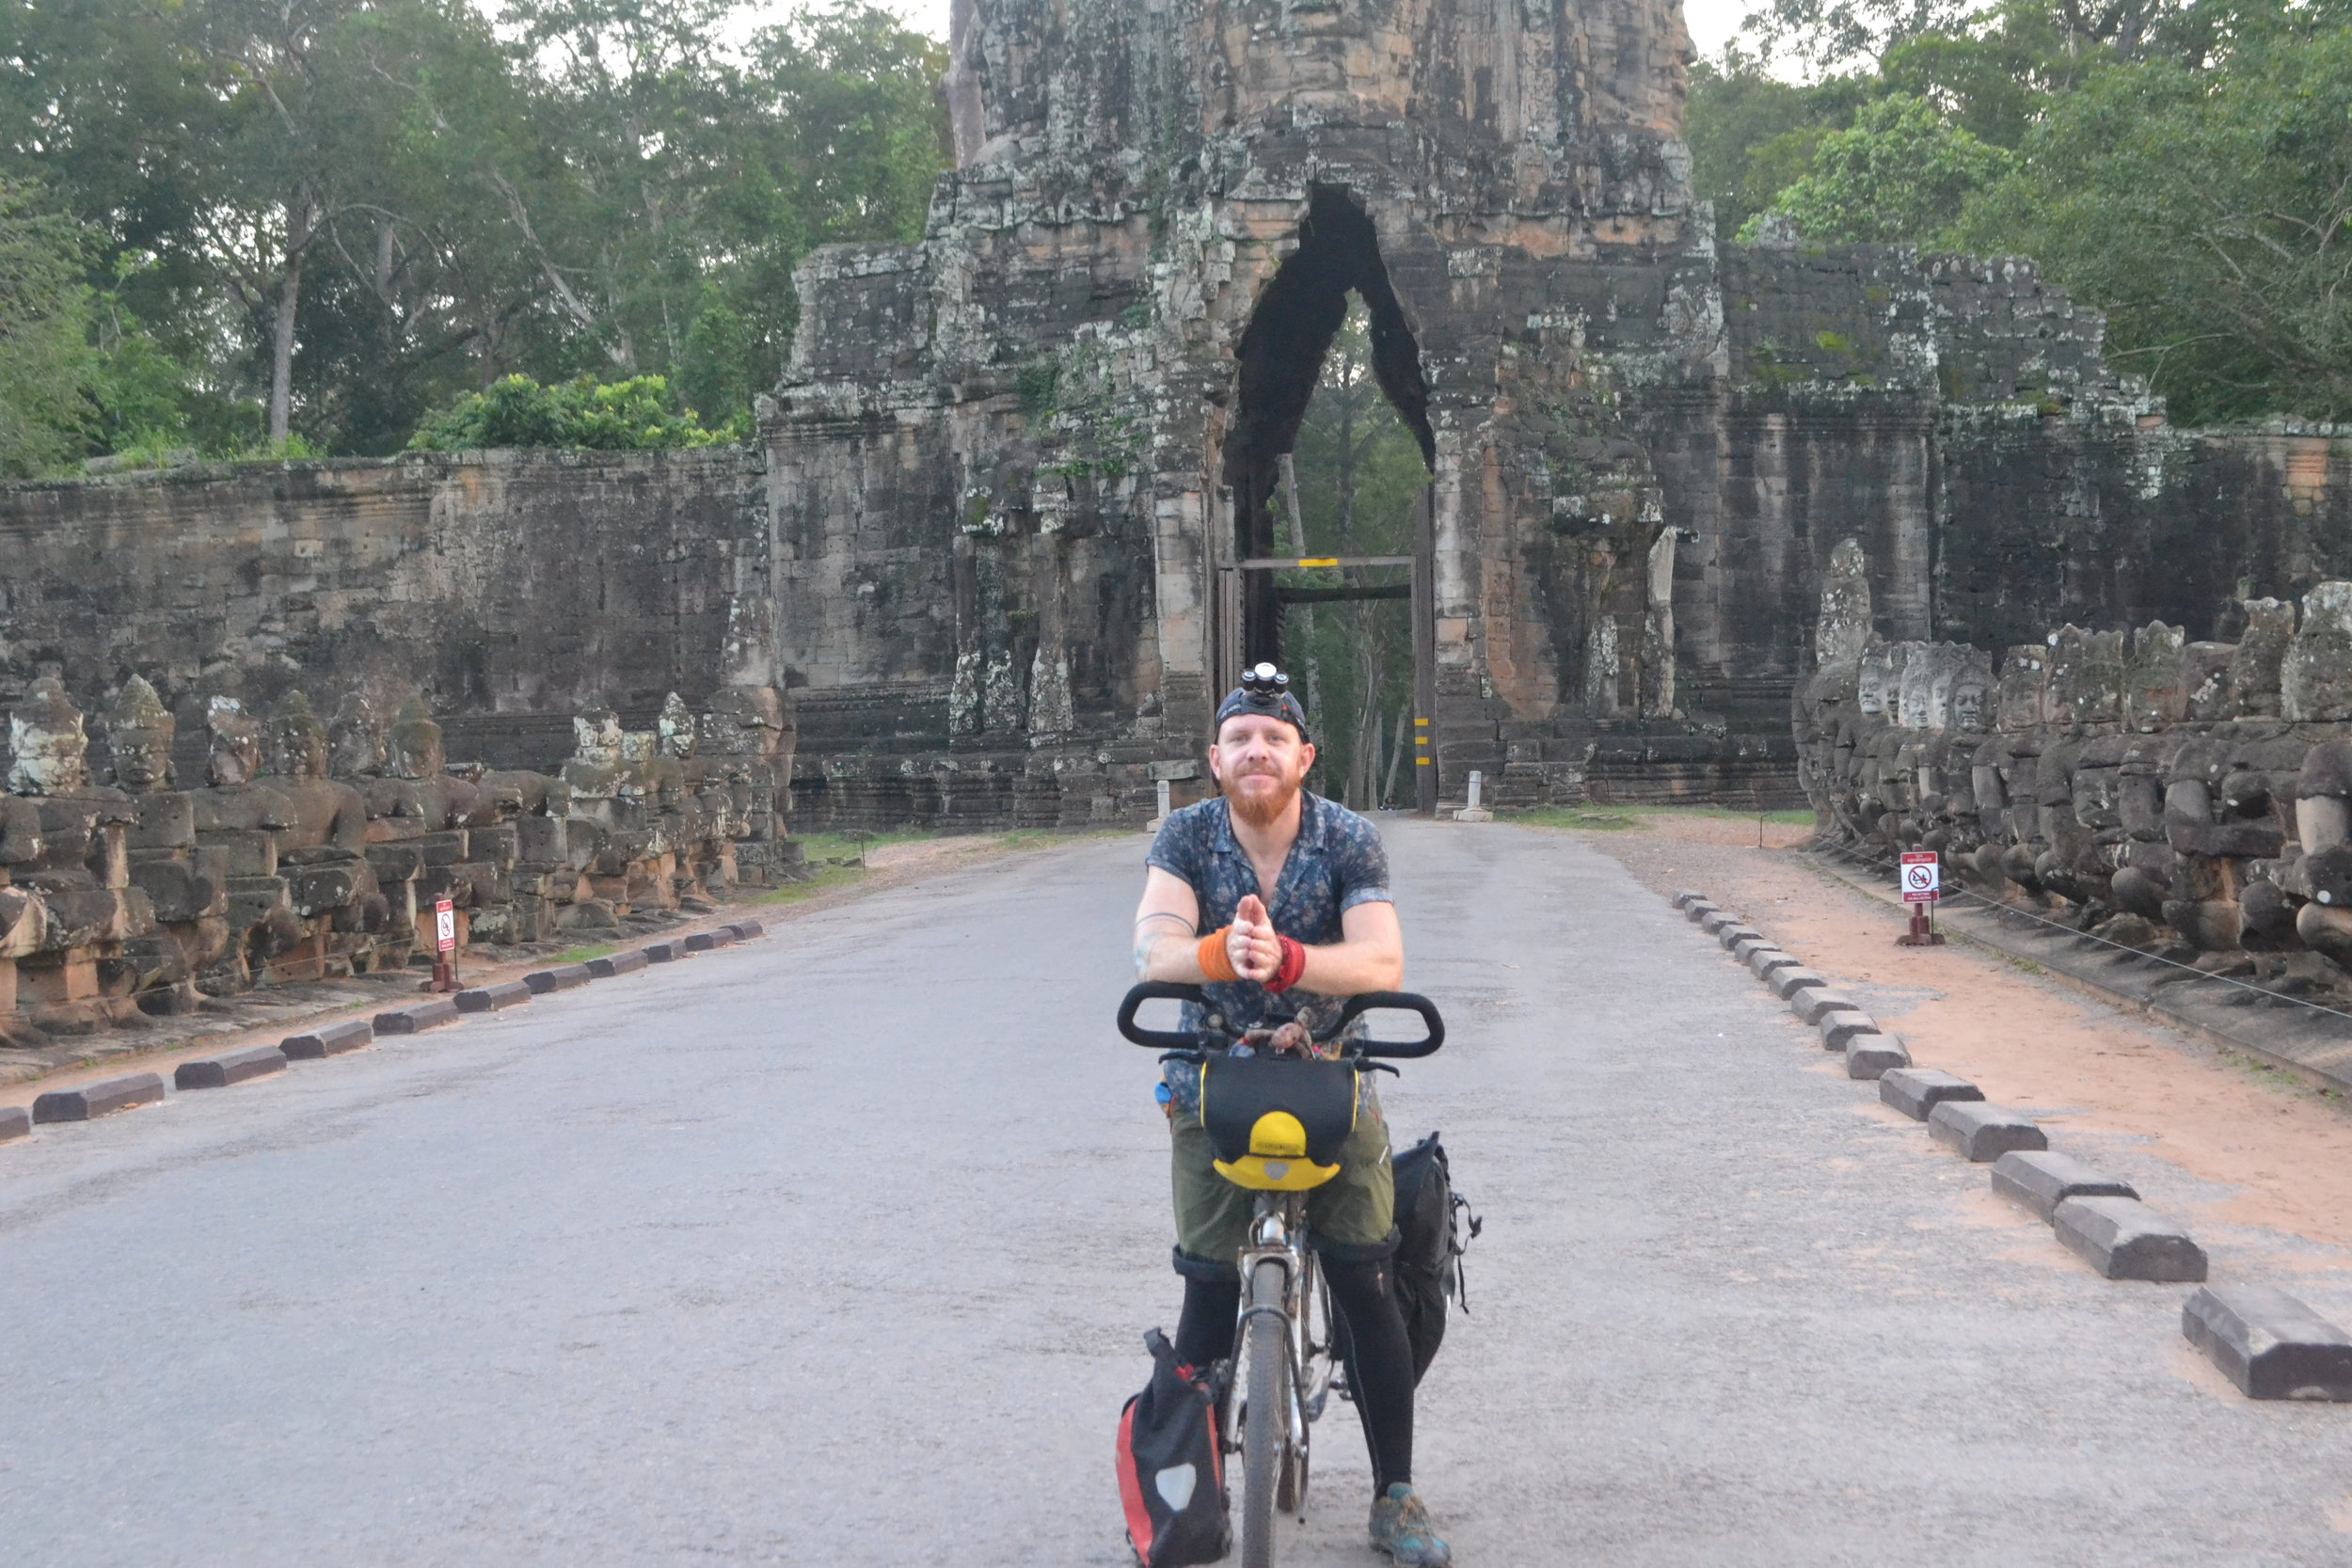 Arriving at Angkor Thom, head torch still on